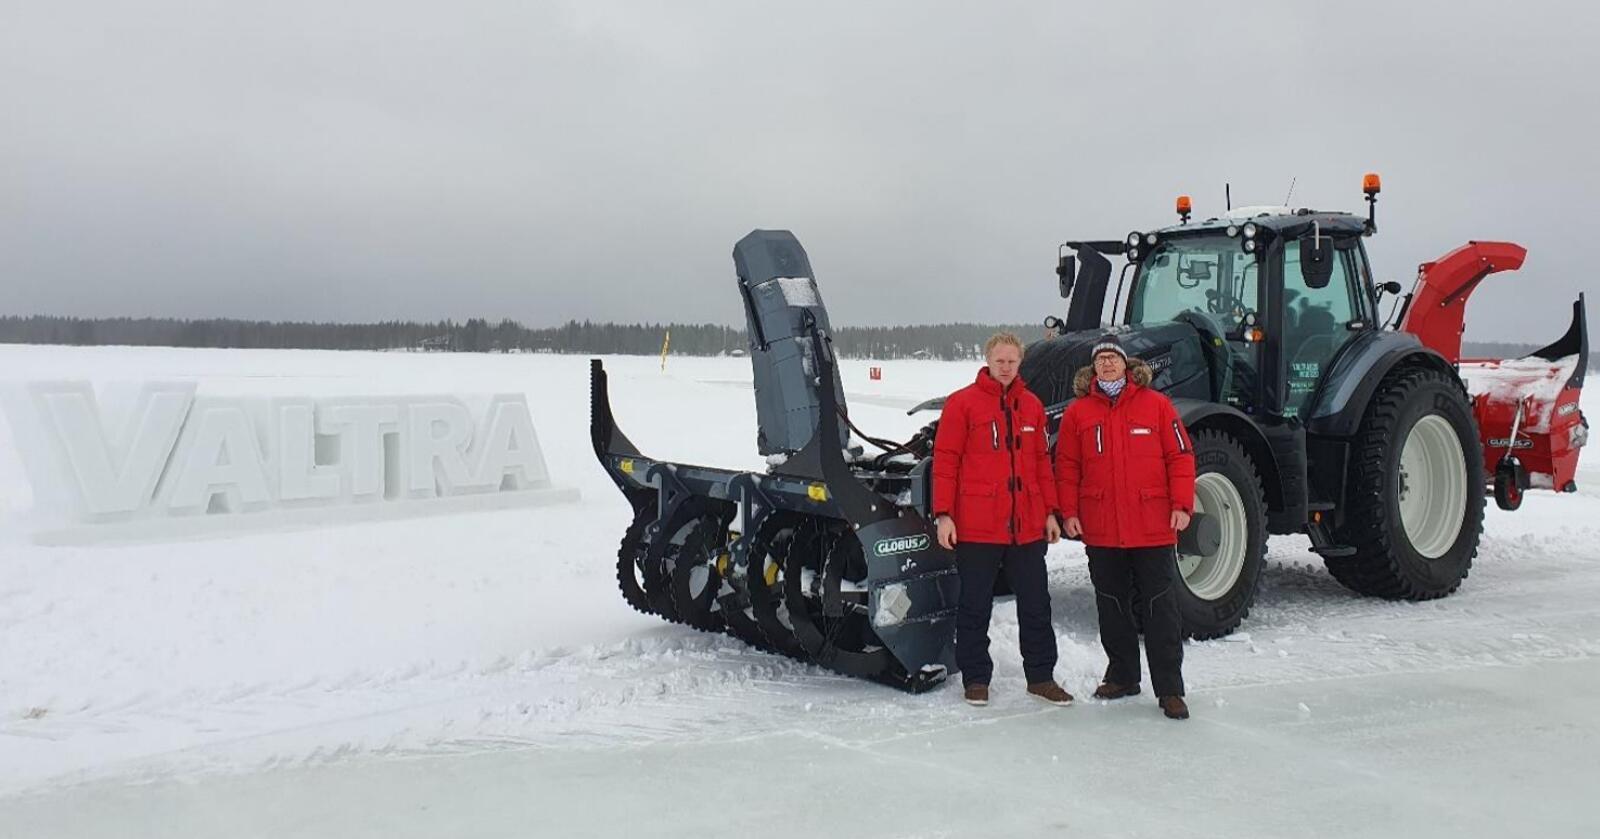 Daglig leder, Håvard Schiager og salgssjef, Roy Pedersen hos Globus  er stolte av å bli valgt som Valtra sin samarbeidspartner for snøfresere. (Foto: Globus)